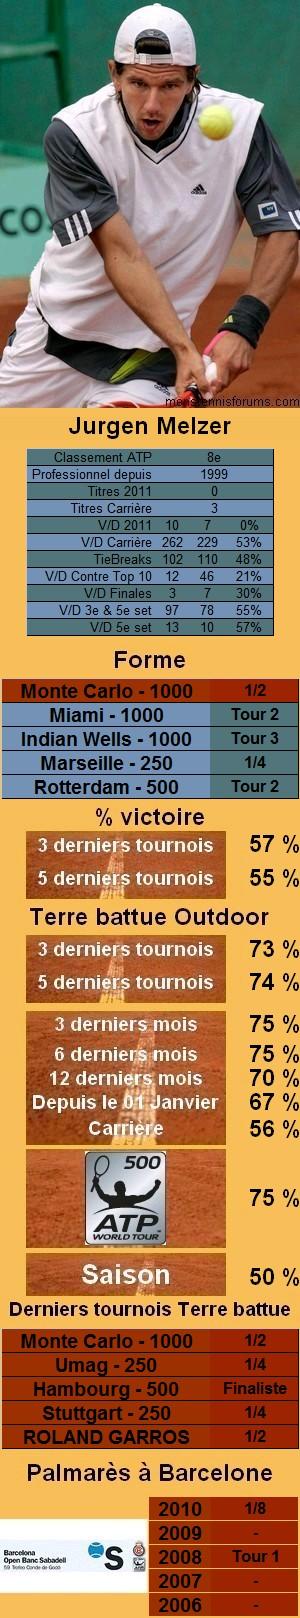 Les statistiques tennis de Jurgen Melzer pour le tournoi de Barcelone